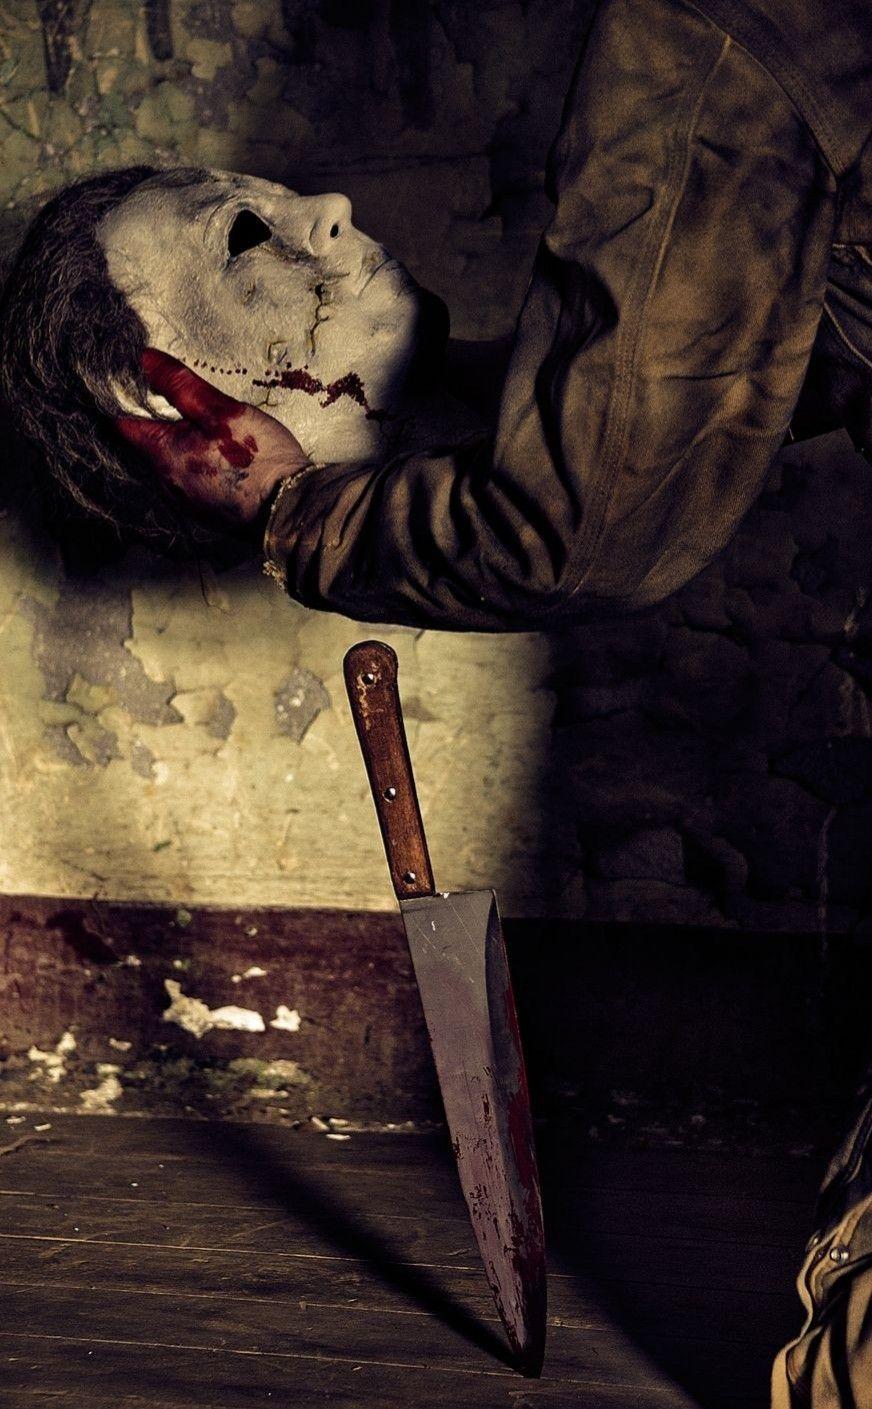 Épinglé par Deadboyy4.20 sur Horreur Film horreur